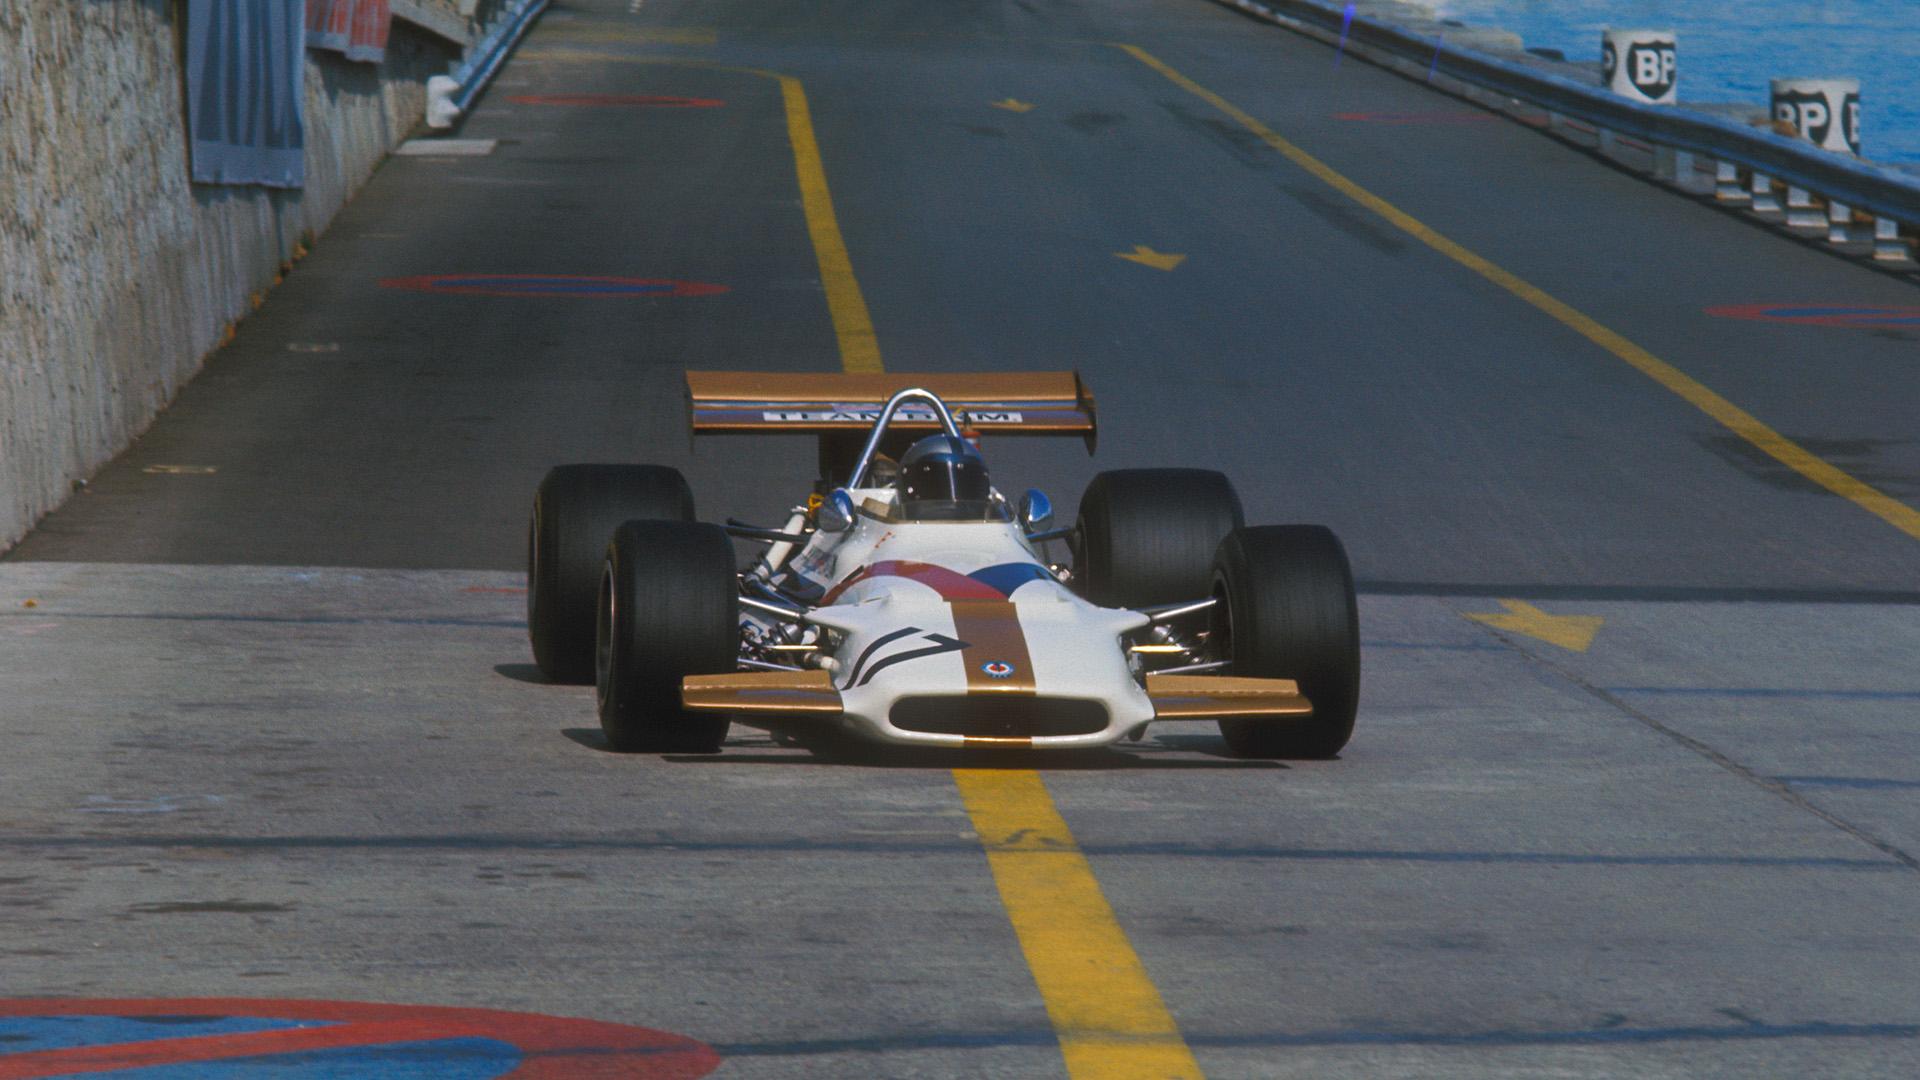 Pedro Rodriguez in the 1970 Monaco Grand Prix